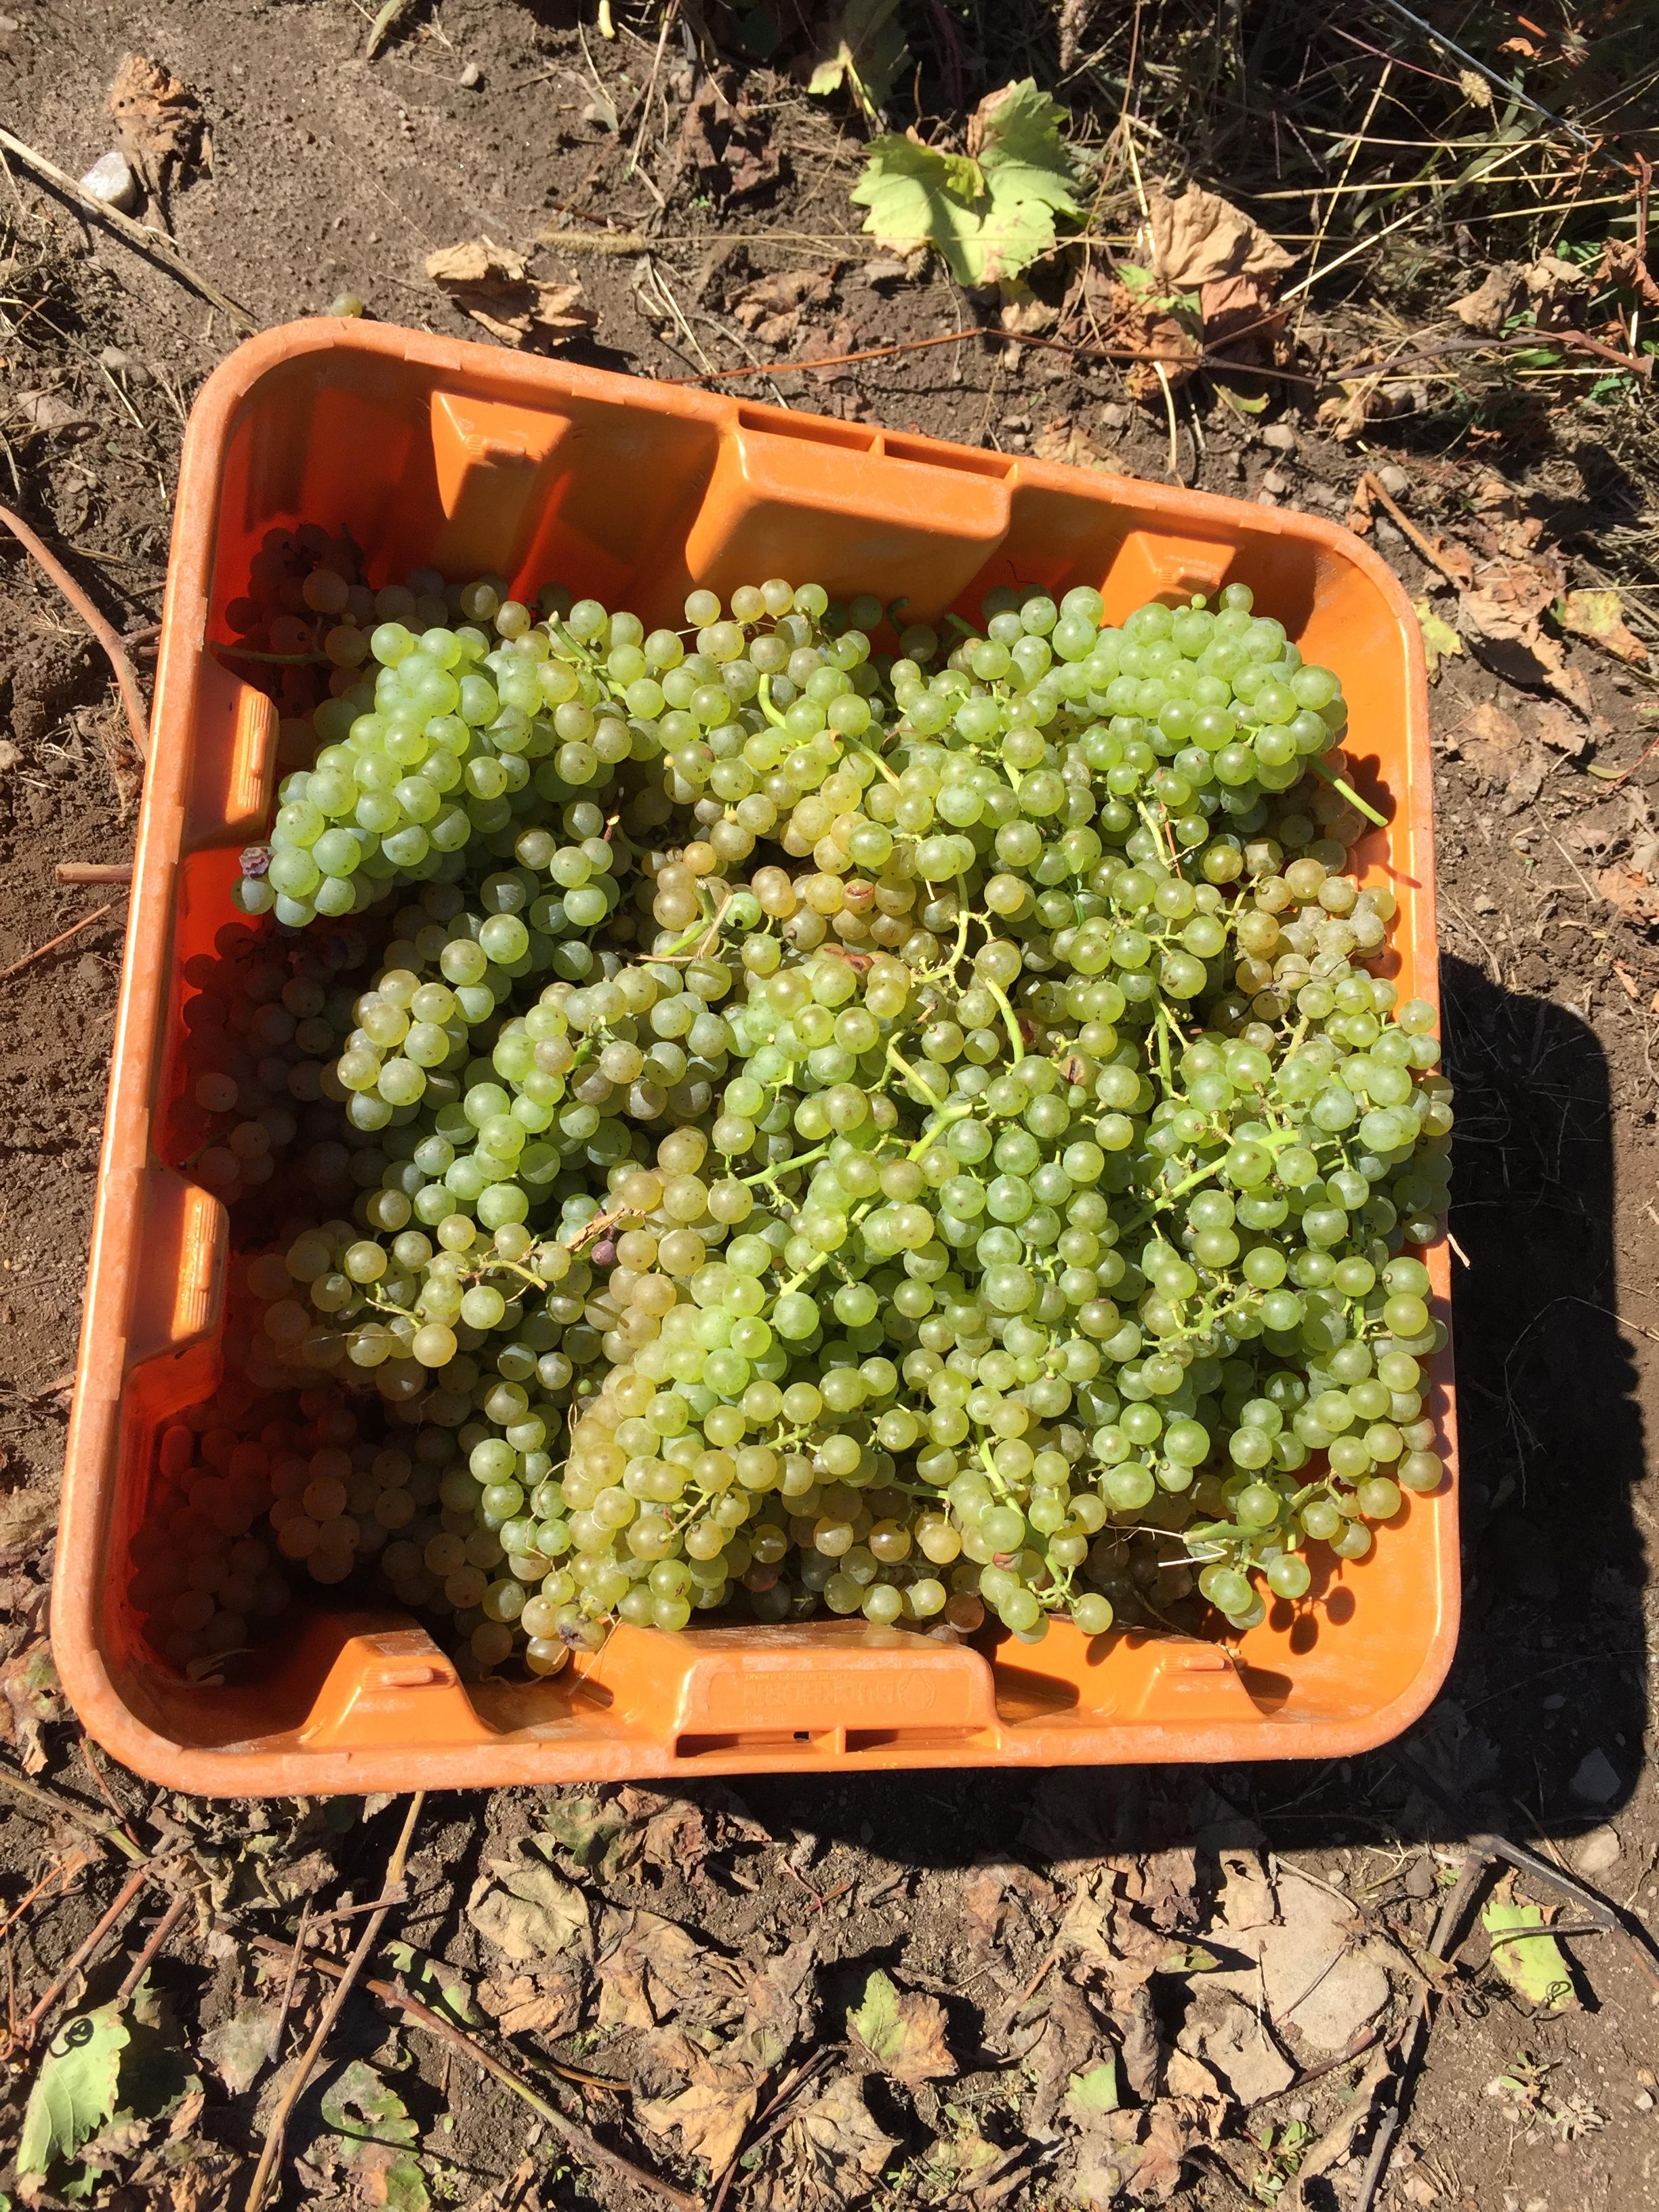 bin of grapes